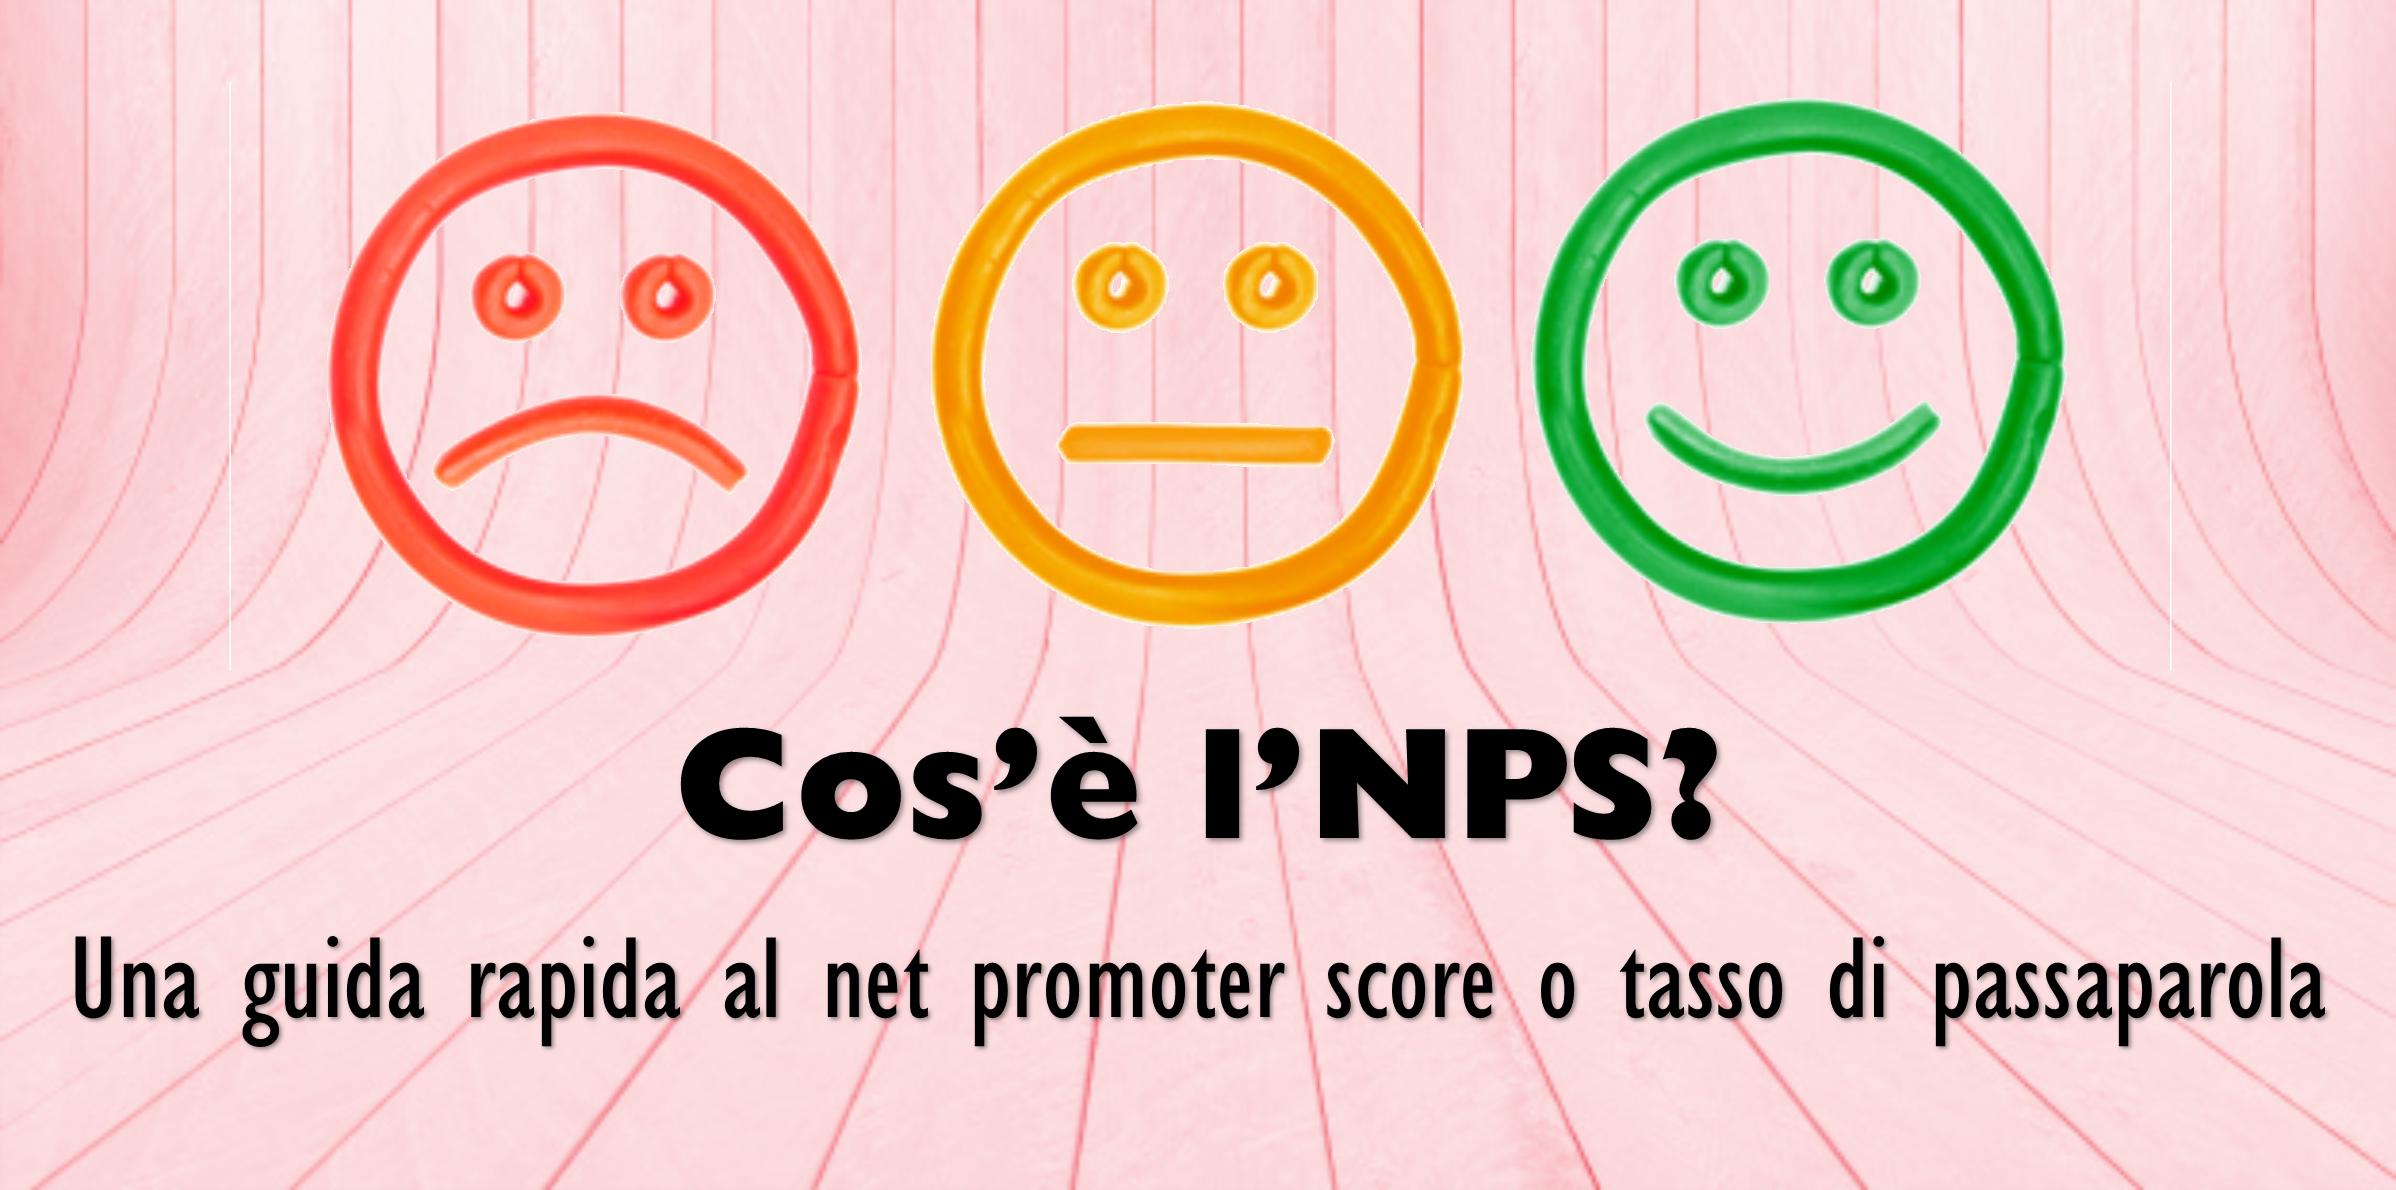 Cos'è l'NPS? Tutto quello che vorresti sapere sul tasso di passaparola (net promoter score) per le fiere